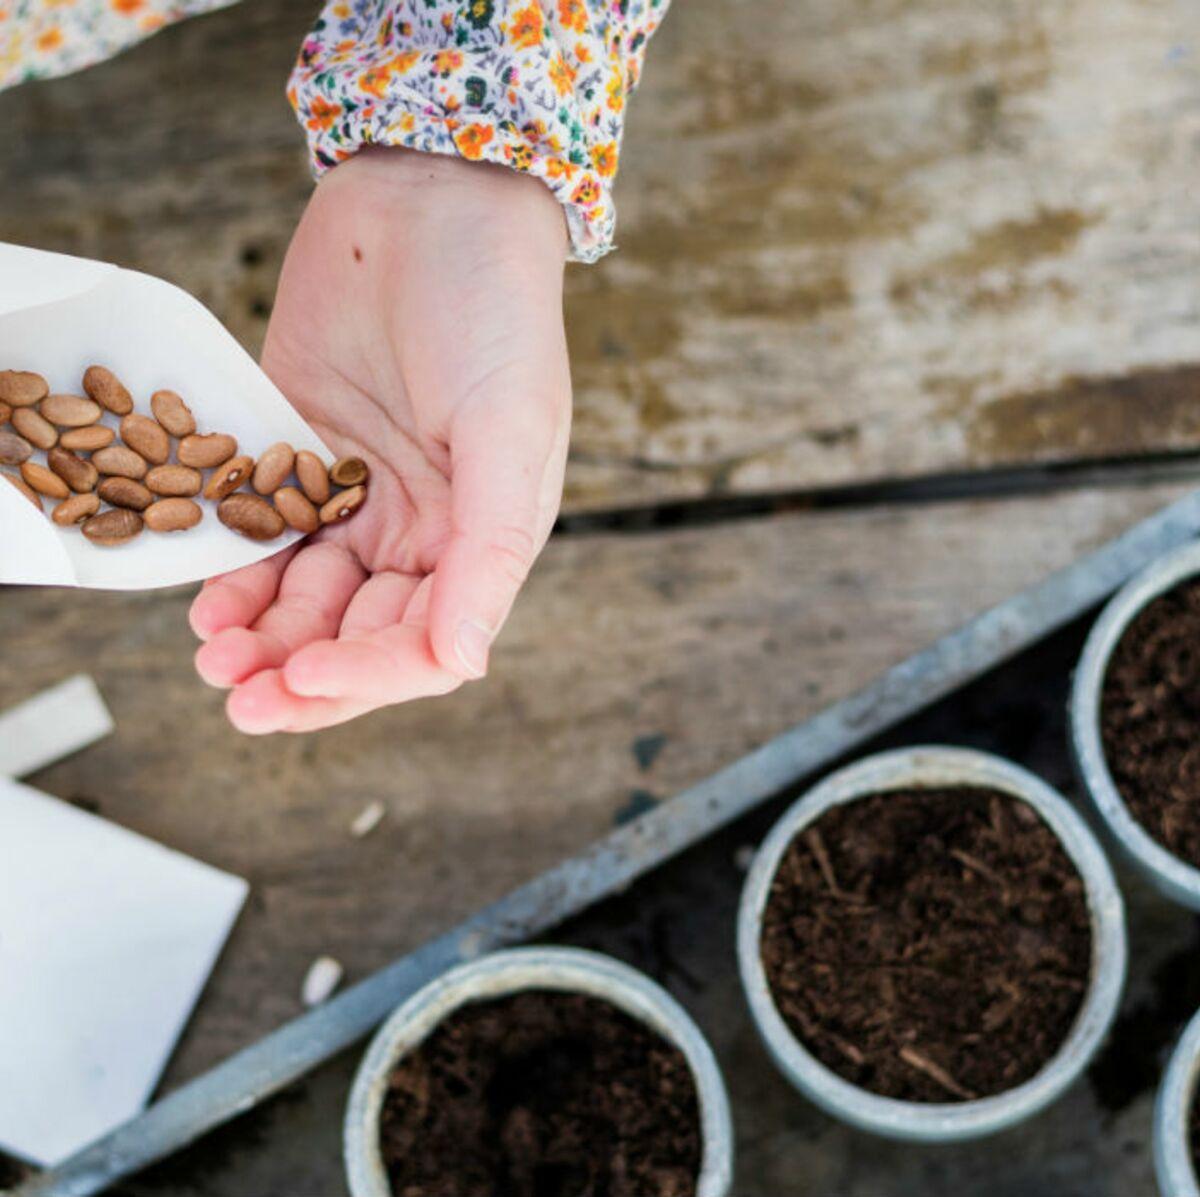 Comment Planter Les Graines De Persil jardin : 4 bons plans pour dénicher des graines gratuites